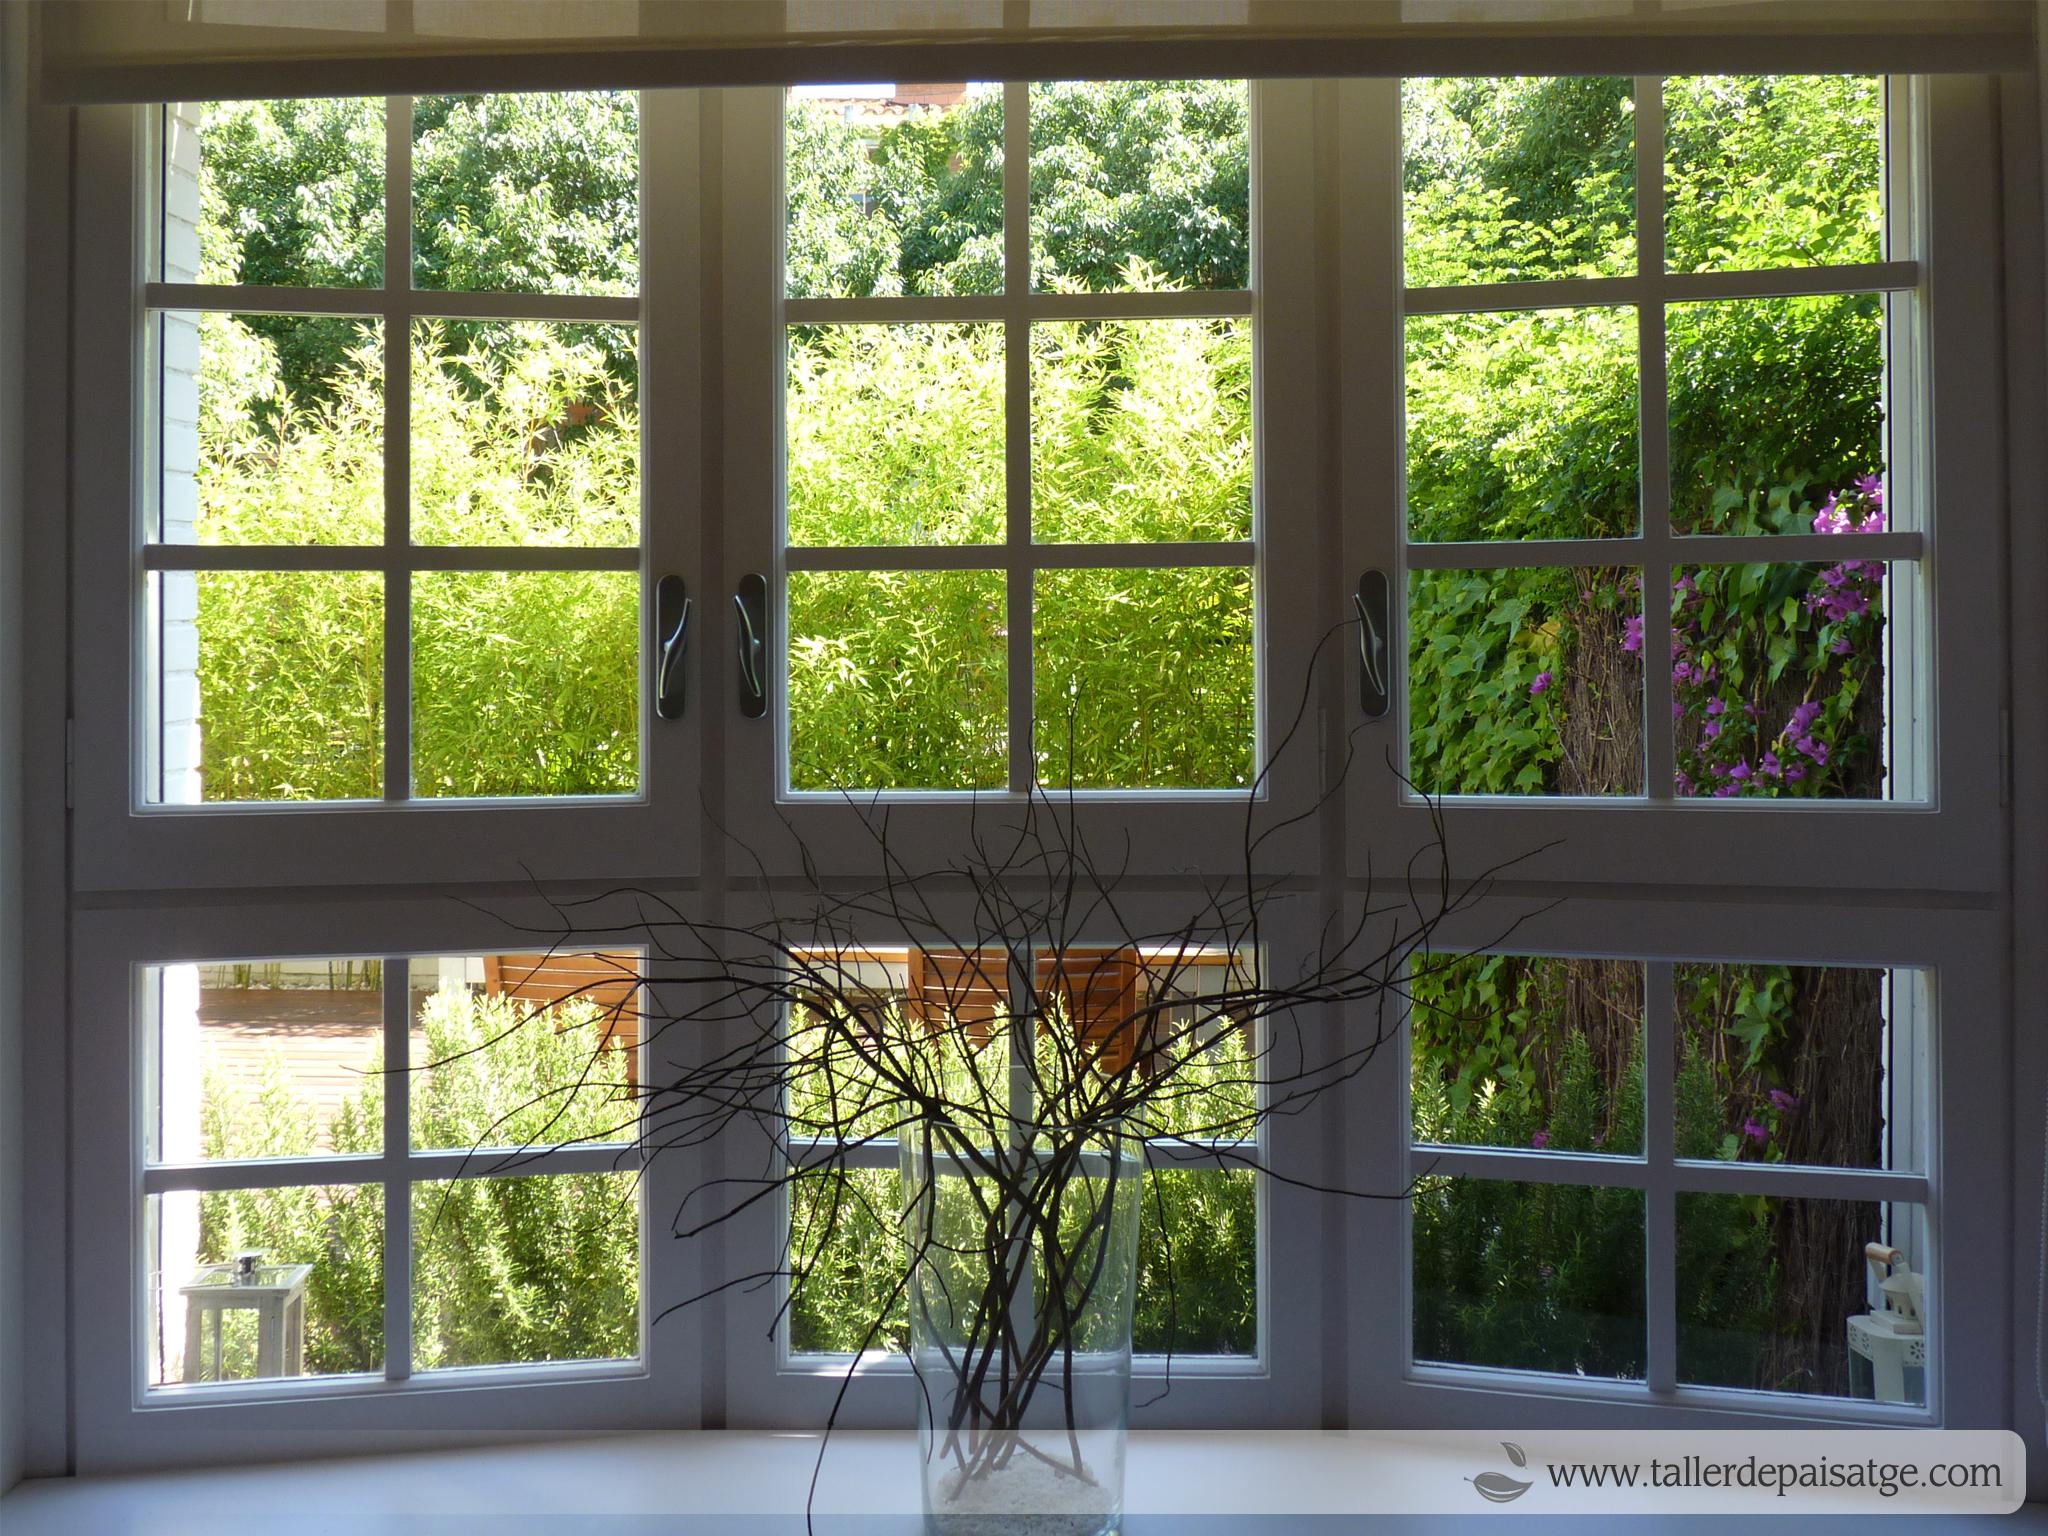 vista jardí des de finestral interior